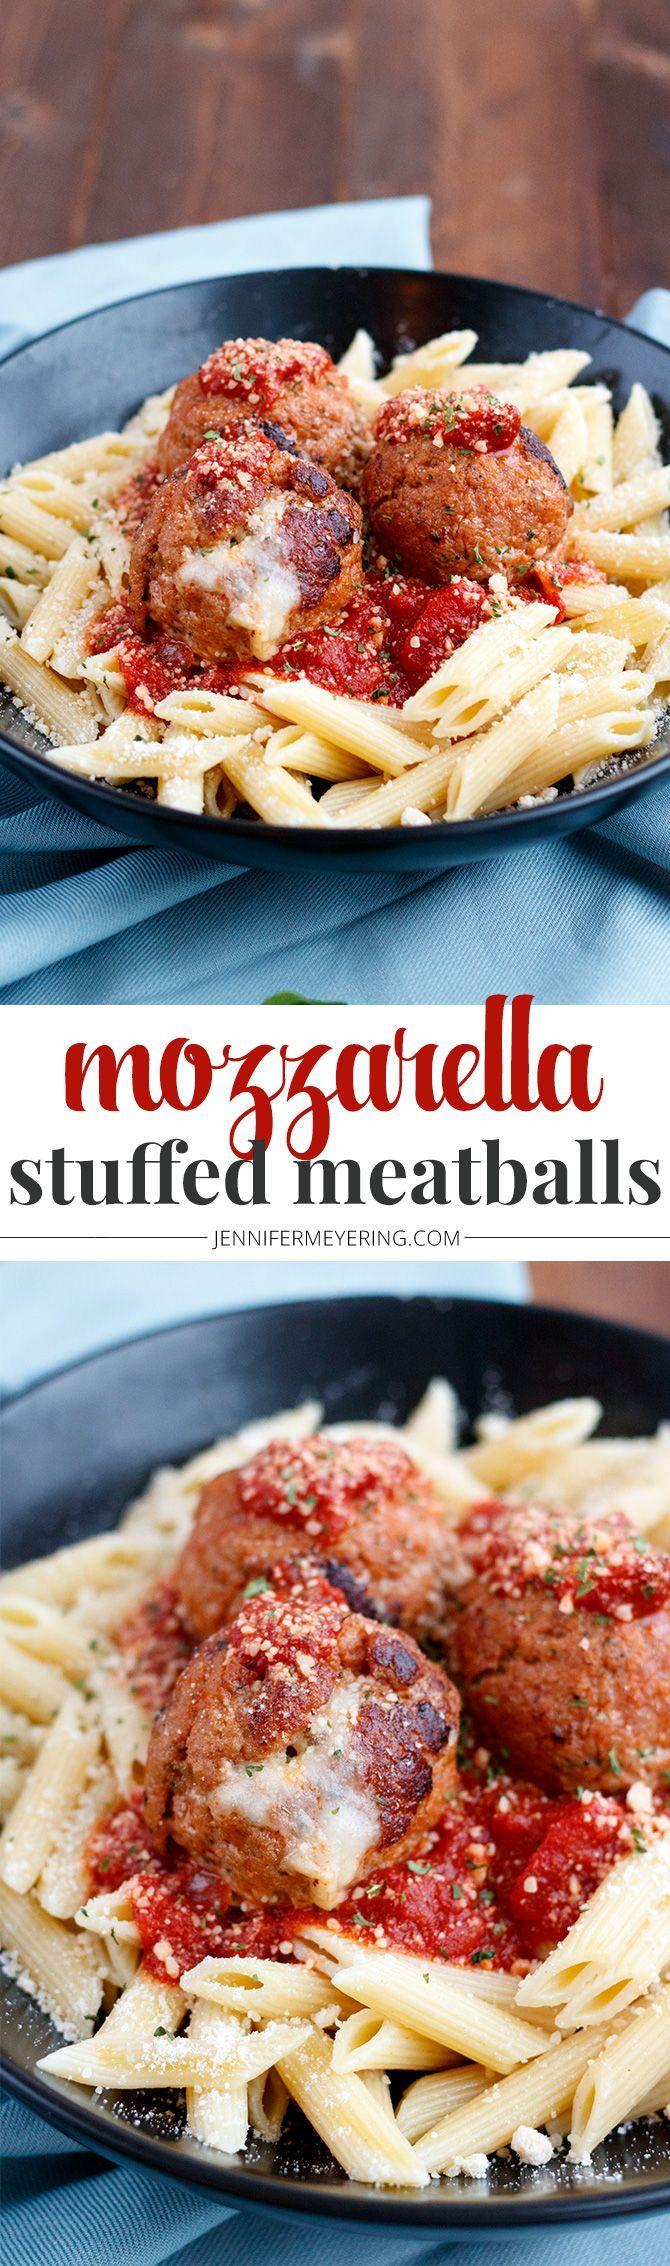 Mozzarella Stuffed Turkey Meatballs - JenniferMeyering.com